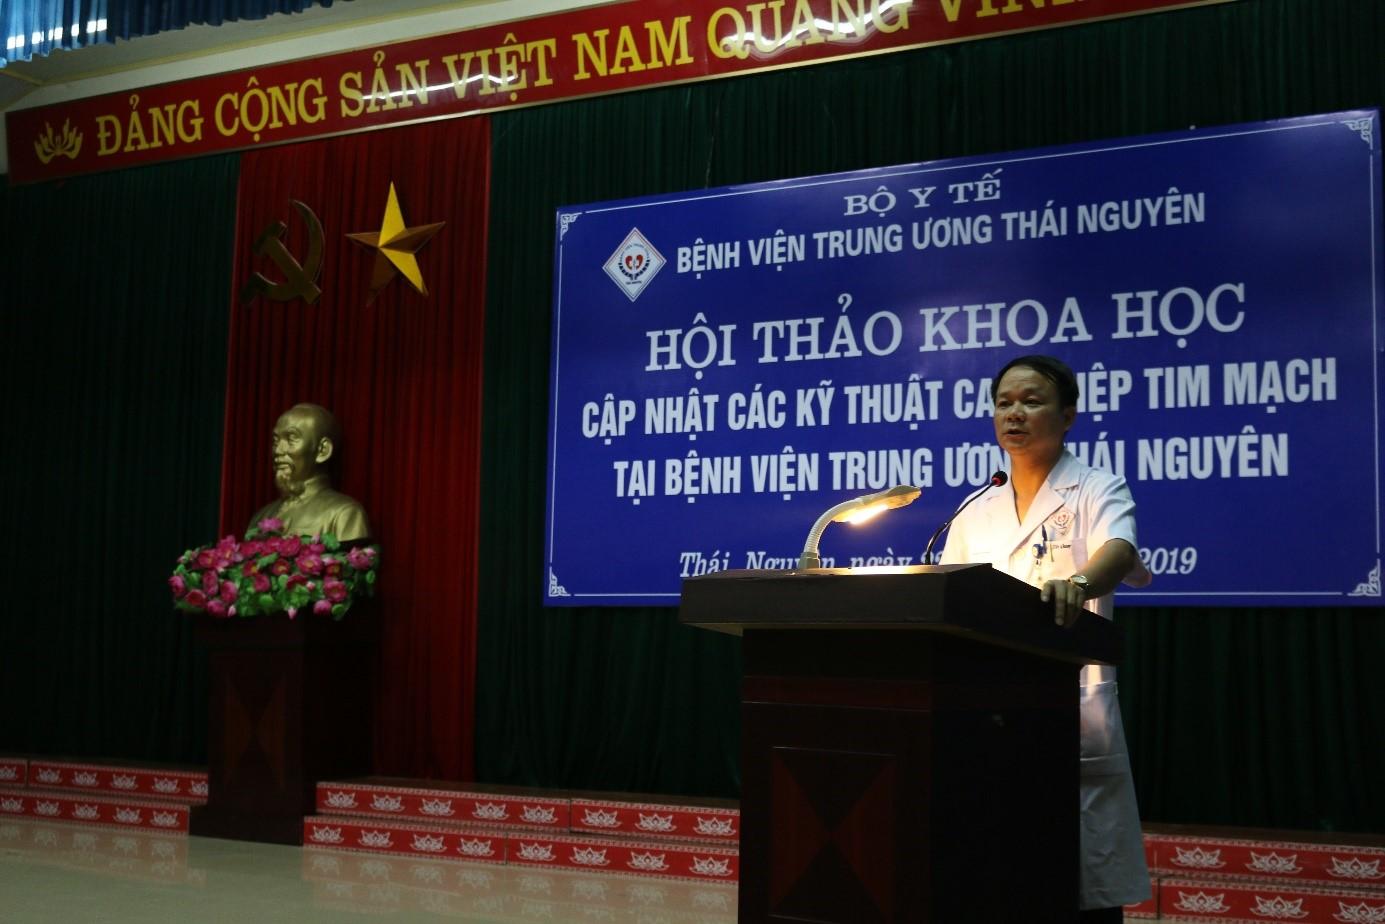 Hội thảo cập nhật các kỹ thuật can thiệp tim mạch tại Bệnh viện Trung ương Thái Nguyên